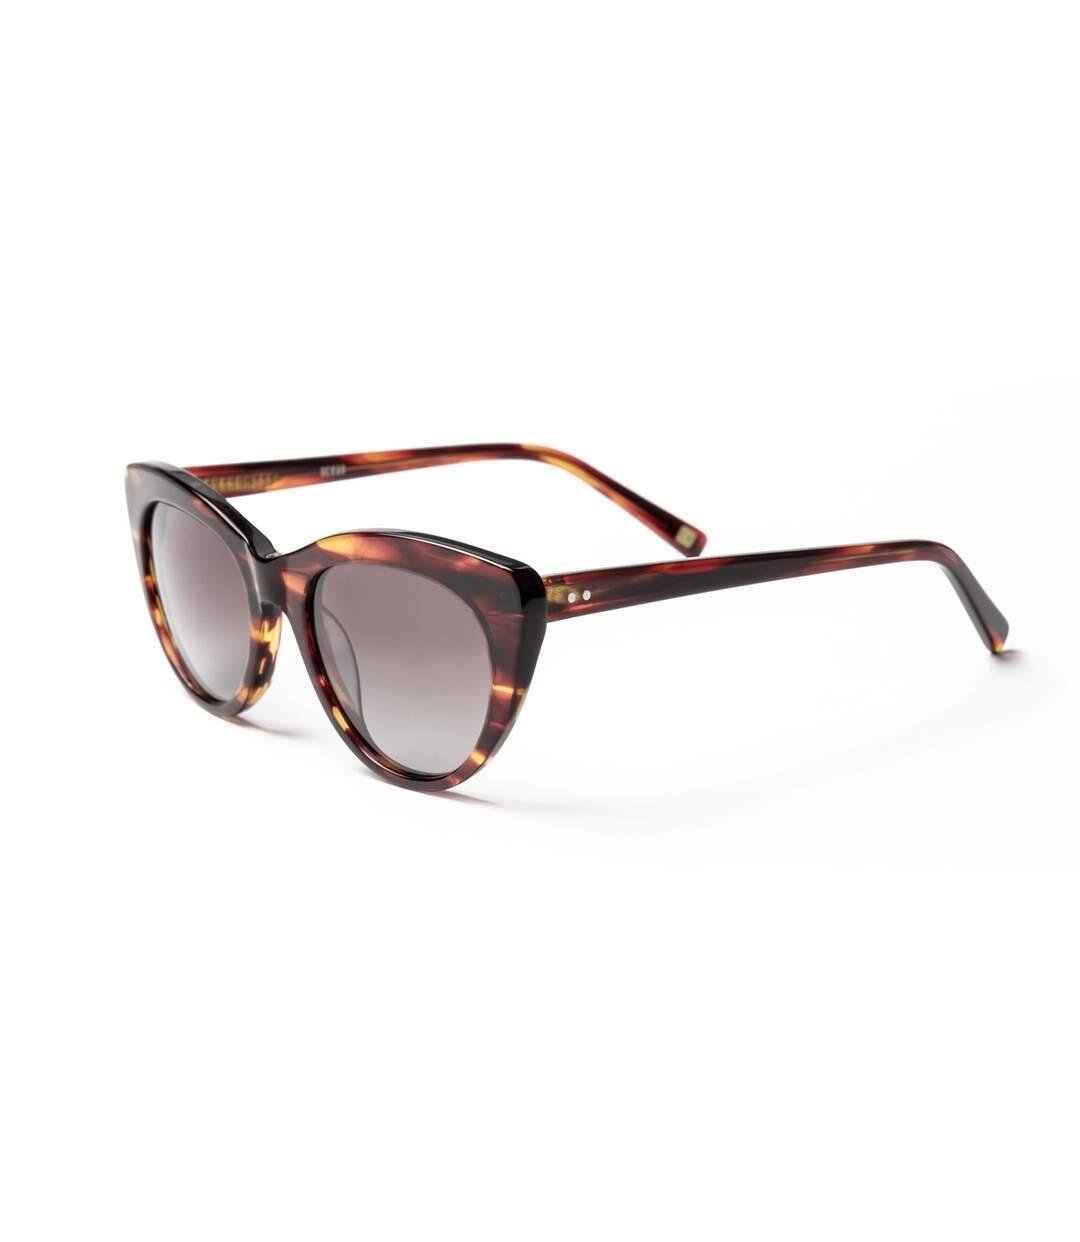 Dégagement Ocean Sunglasses Lunettes de soleil Audrey Femme dsf.d455nksdKLFHG